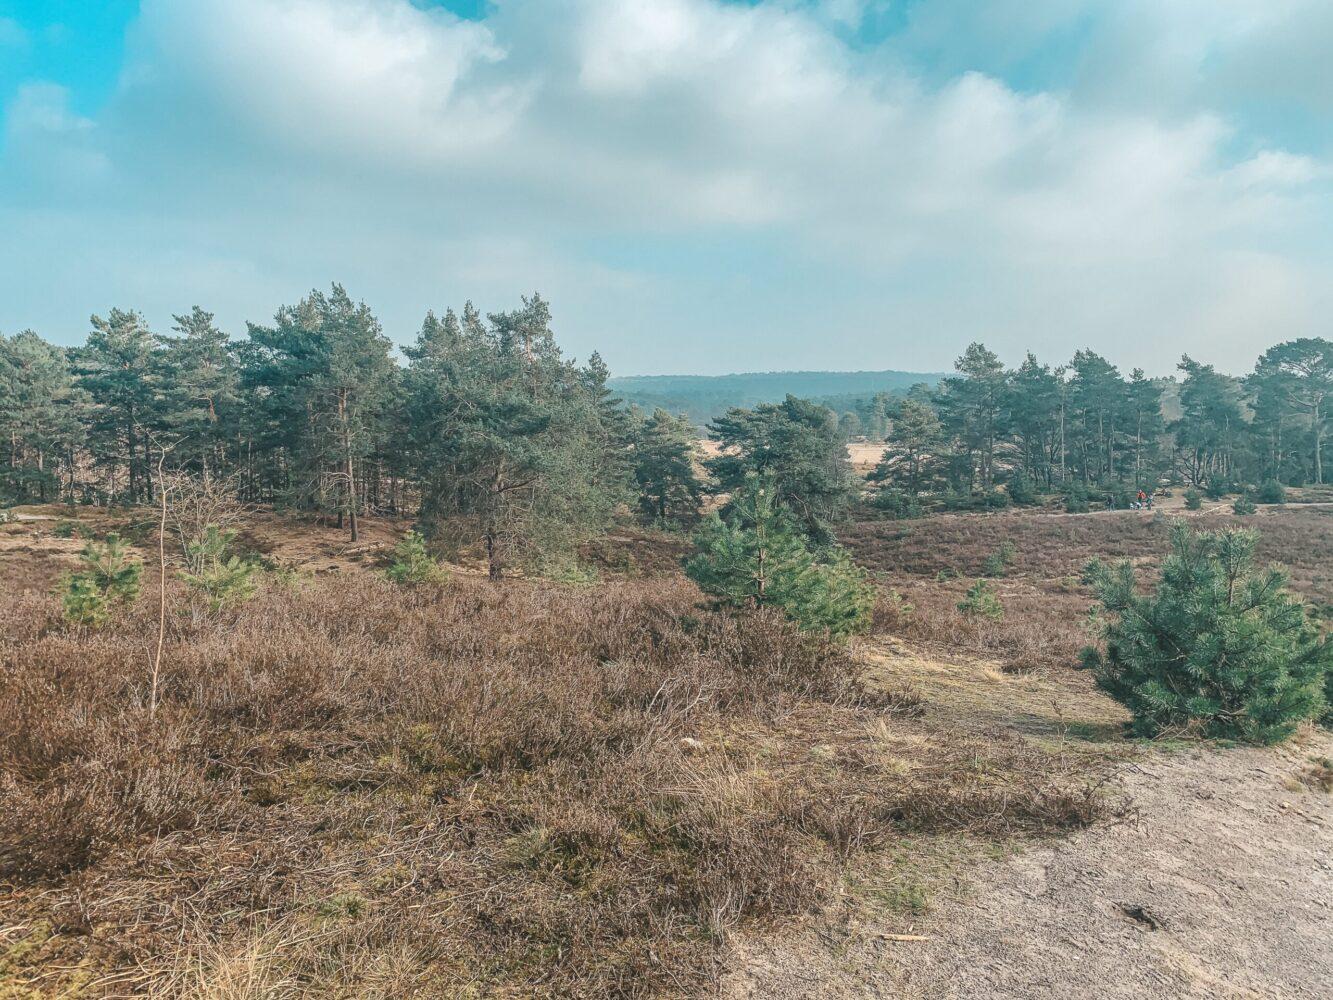 Het Gezinsleven - Uitstapjes - Bezienswaardigheden - Top 10 Bezienswaardigheden in Limburg - Brunssummerheide uitzicht foto